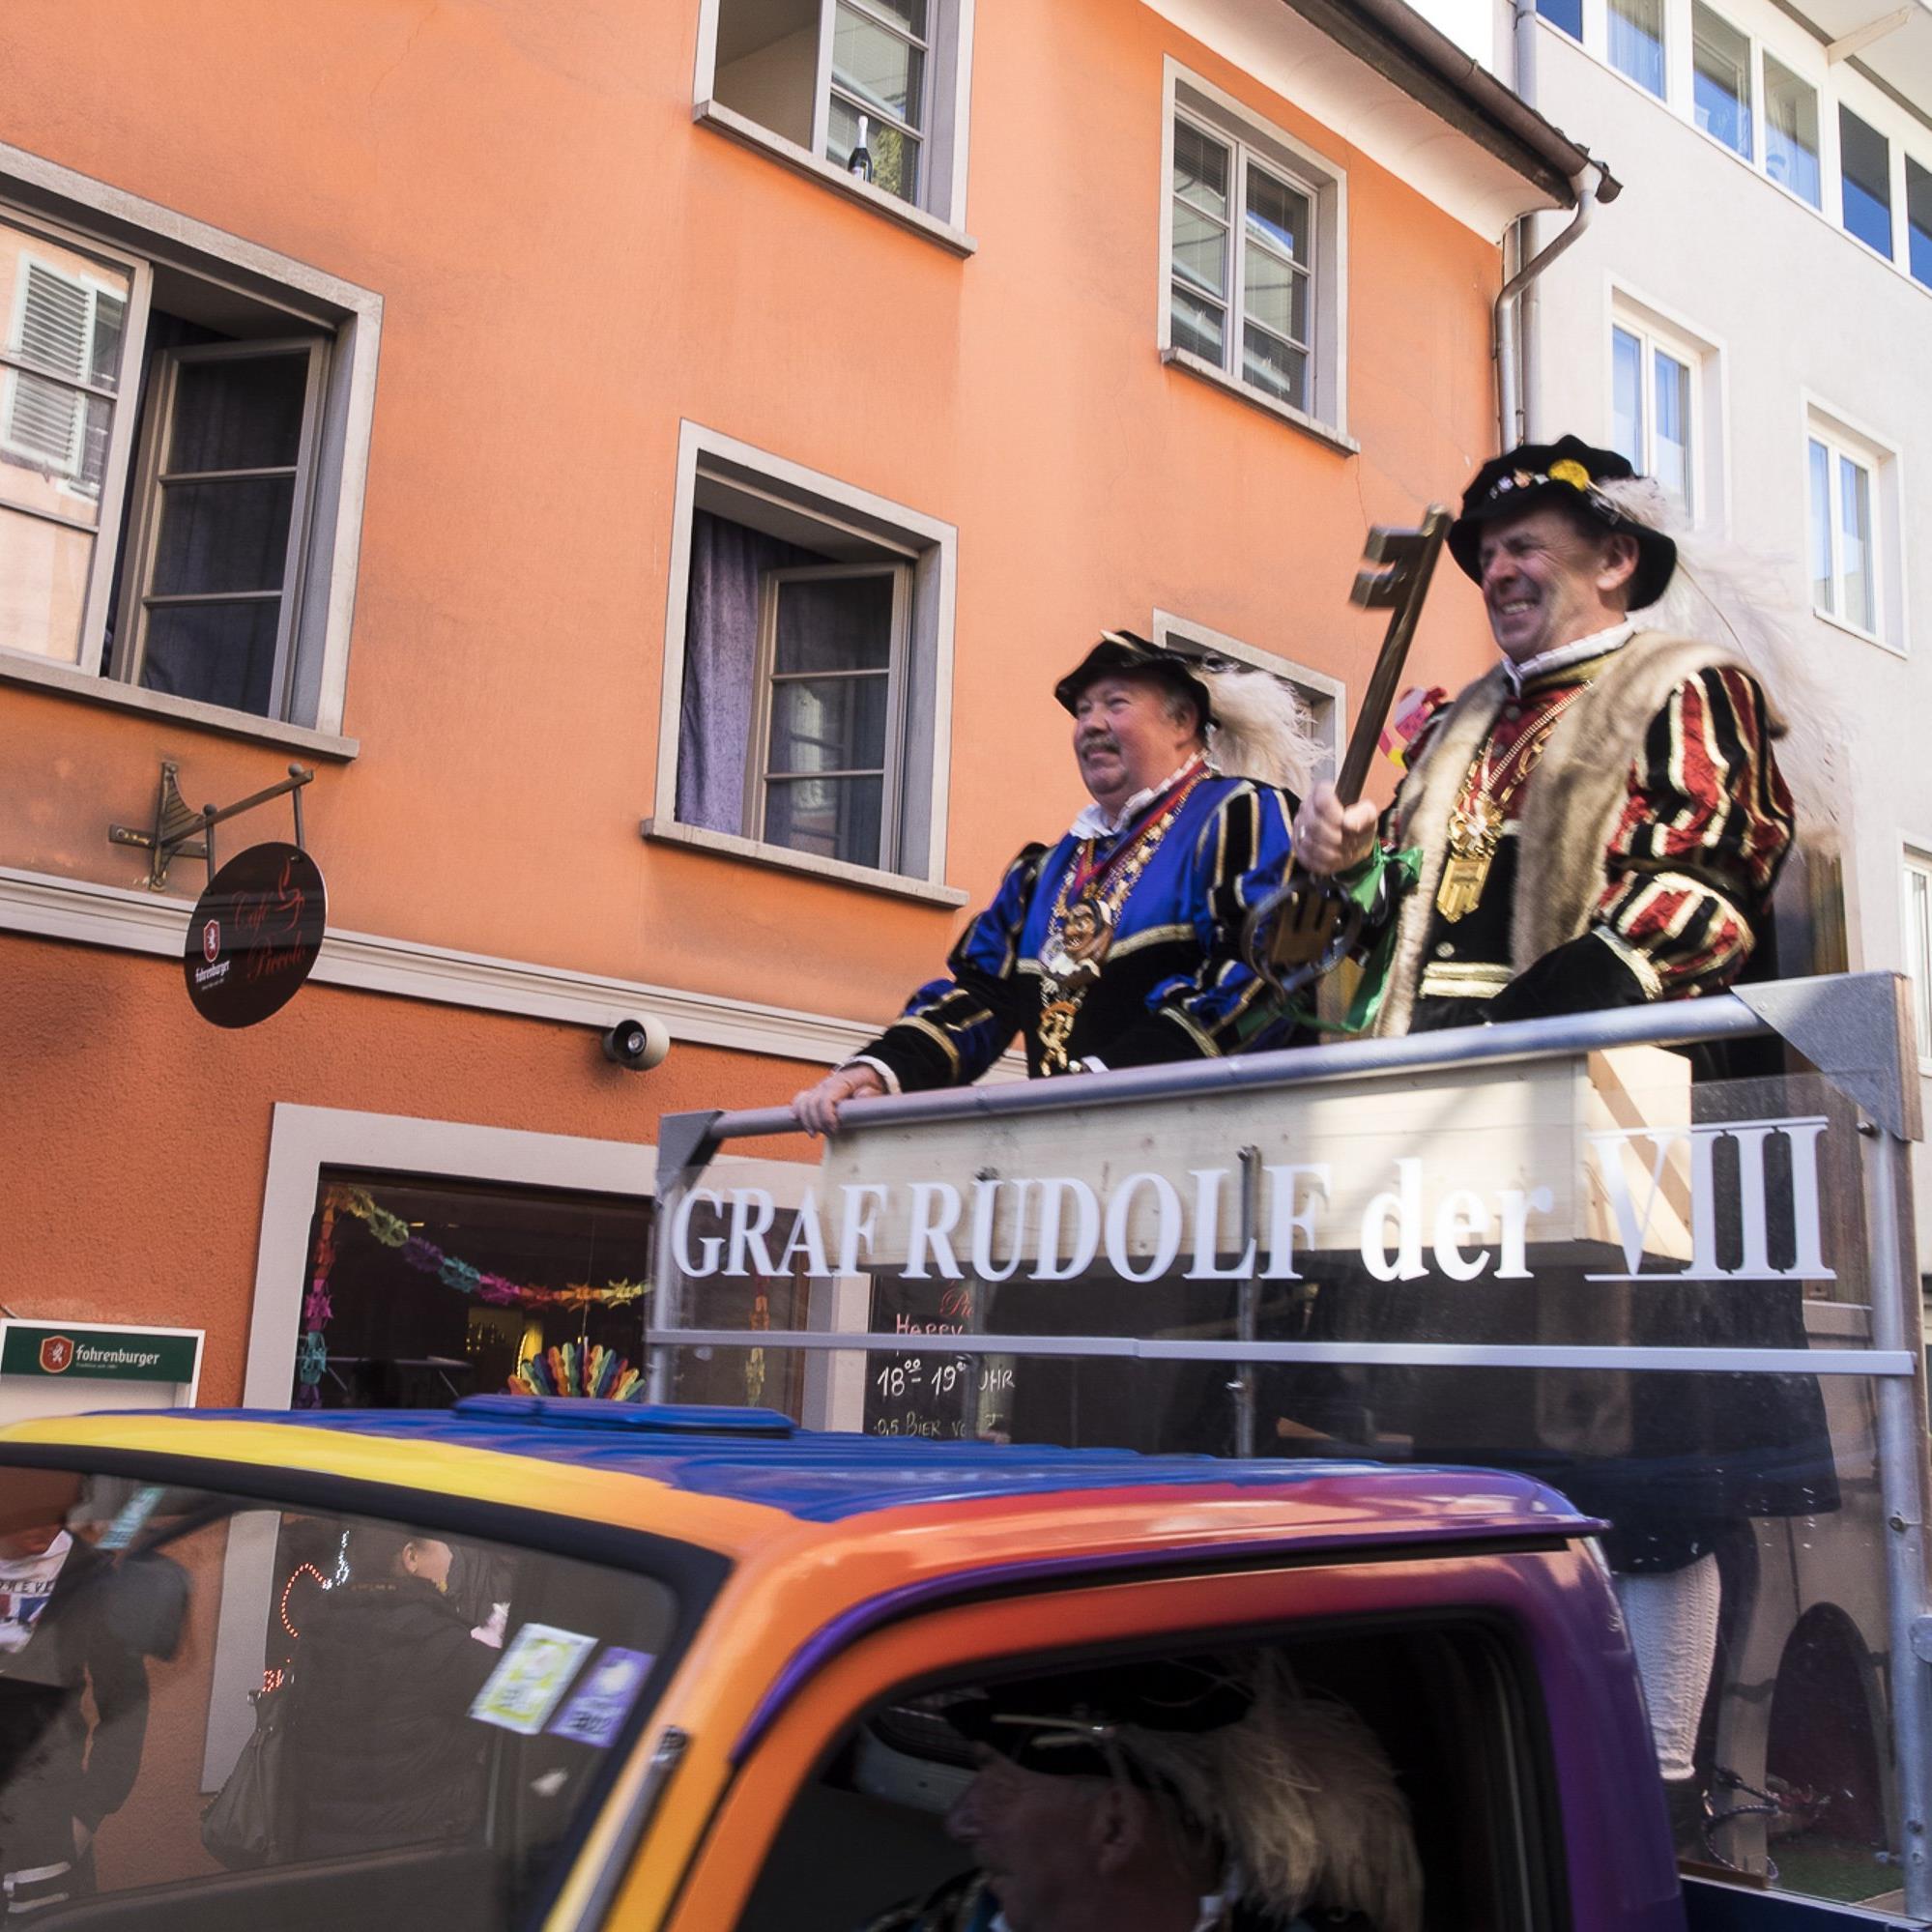 Graf Rudolf und Präsident Thomy Kathan noch auf dem alten Wagen